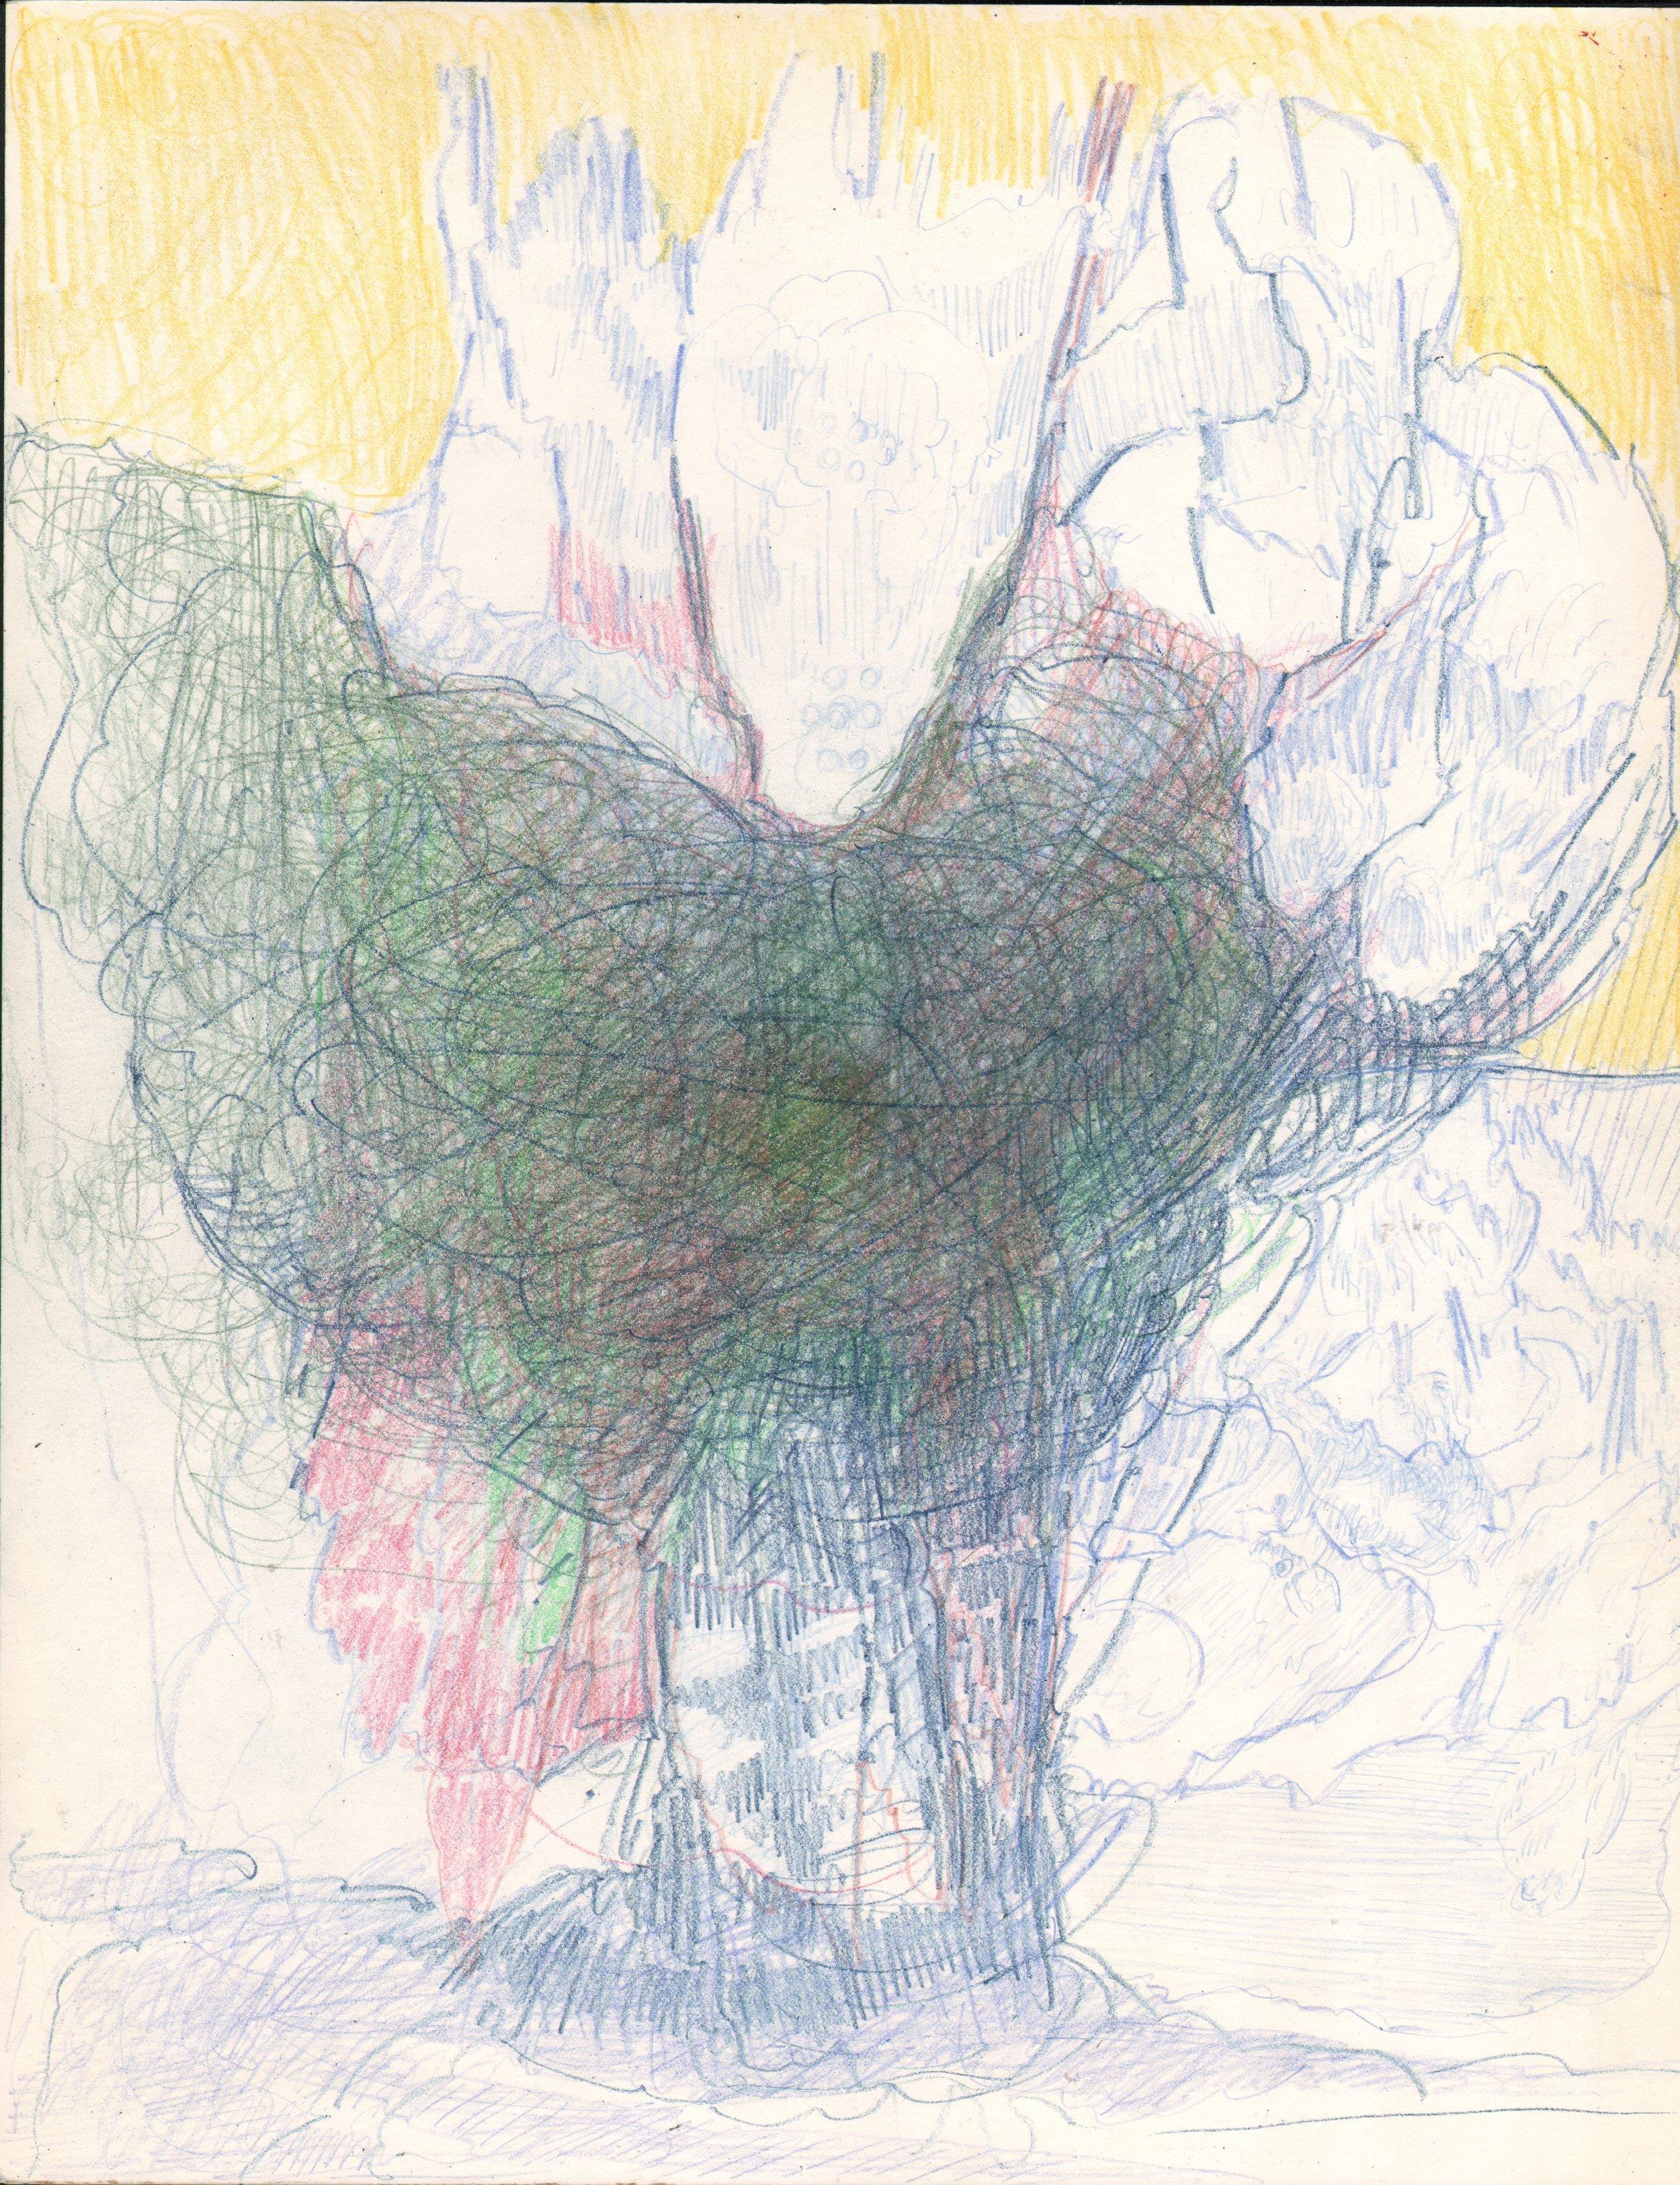 Twilight Downpour, 2017, 14 x 11, pencil on paper